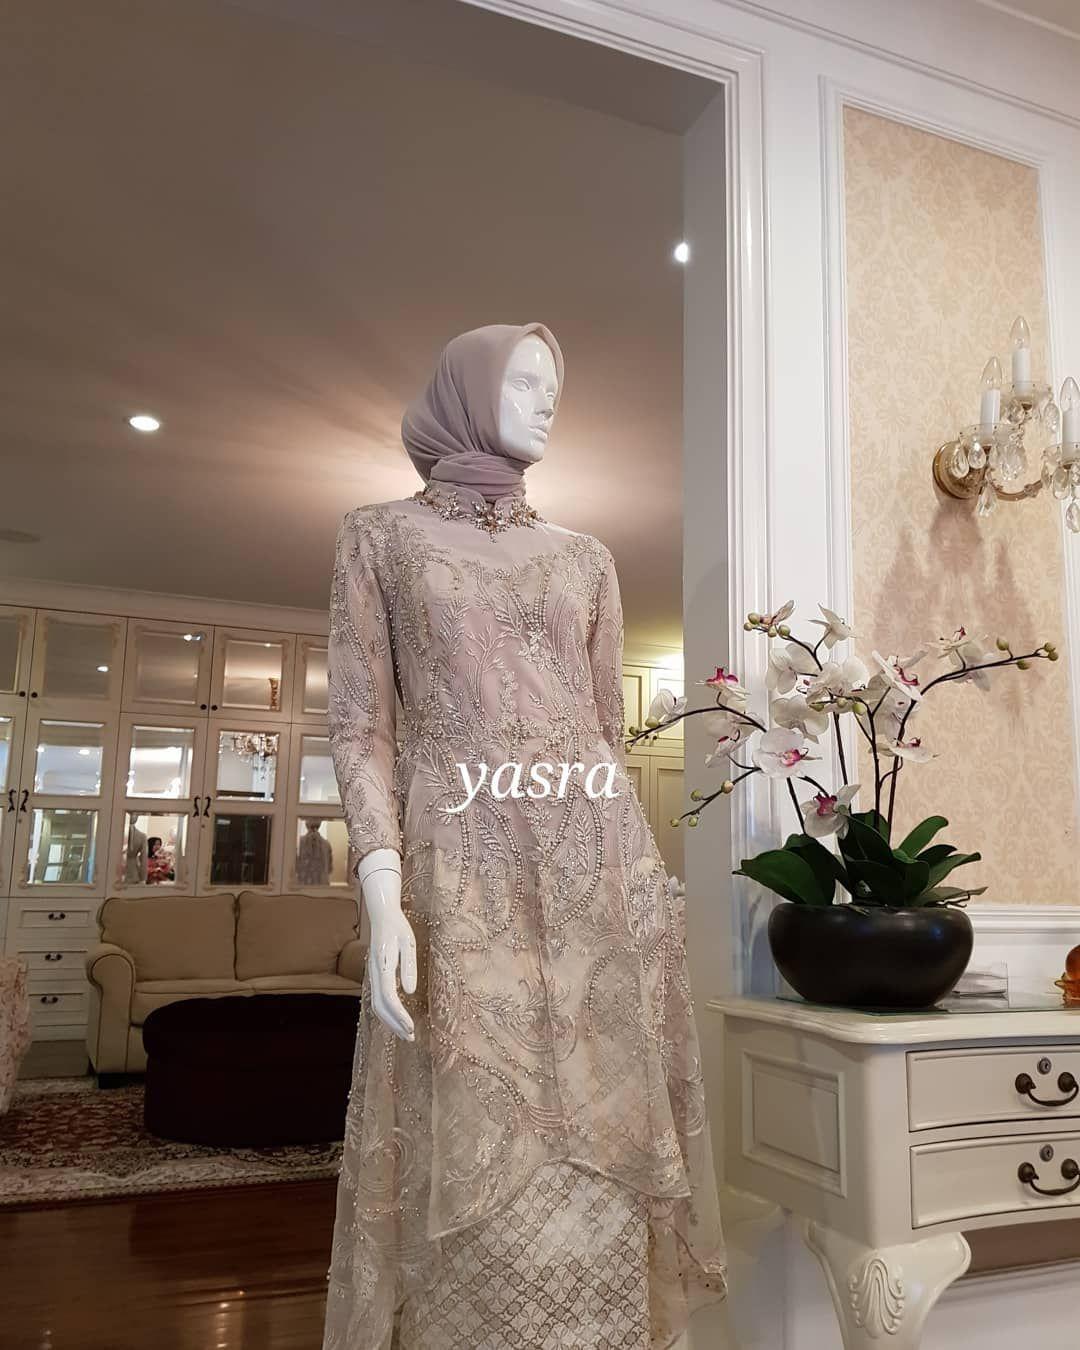 YASRA #yasra #moslemwedding #moslemgown #❤❤❤  Kebaya dress